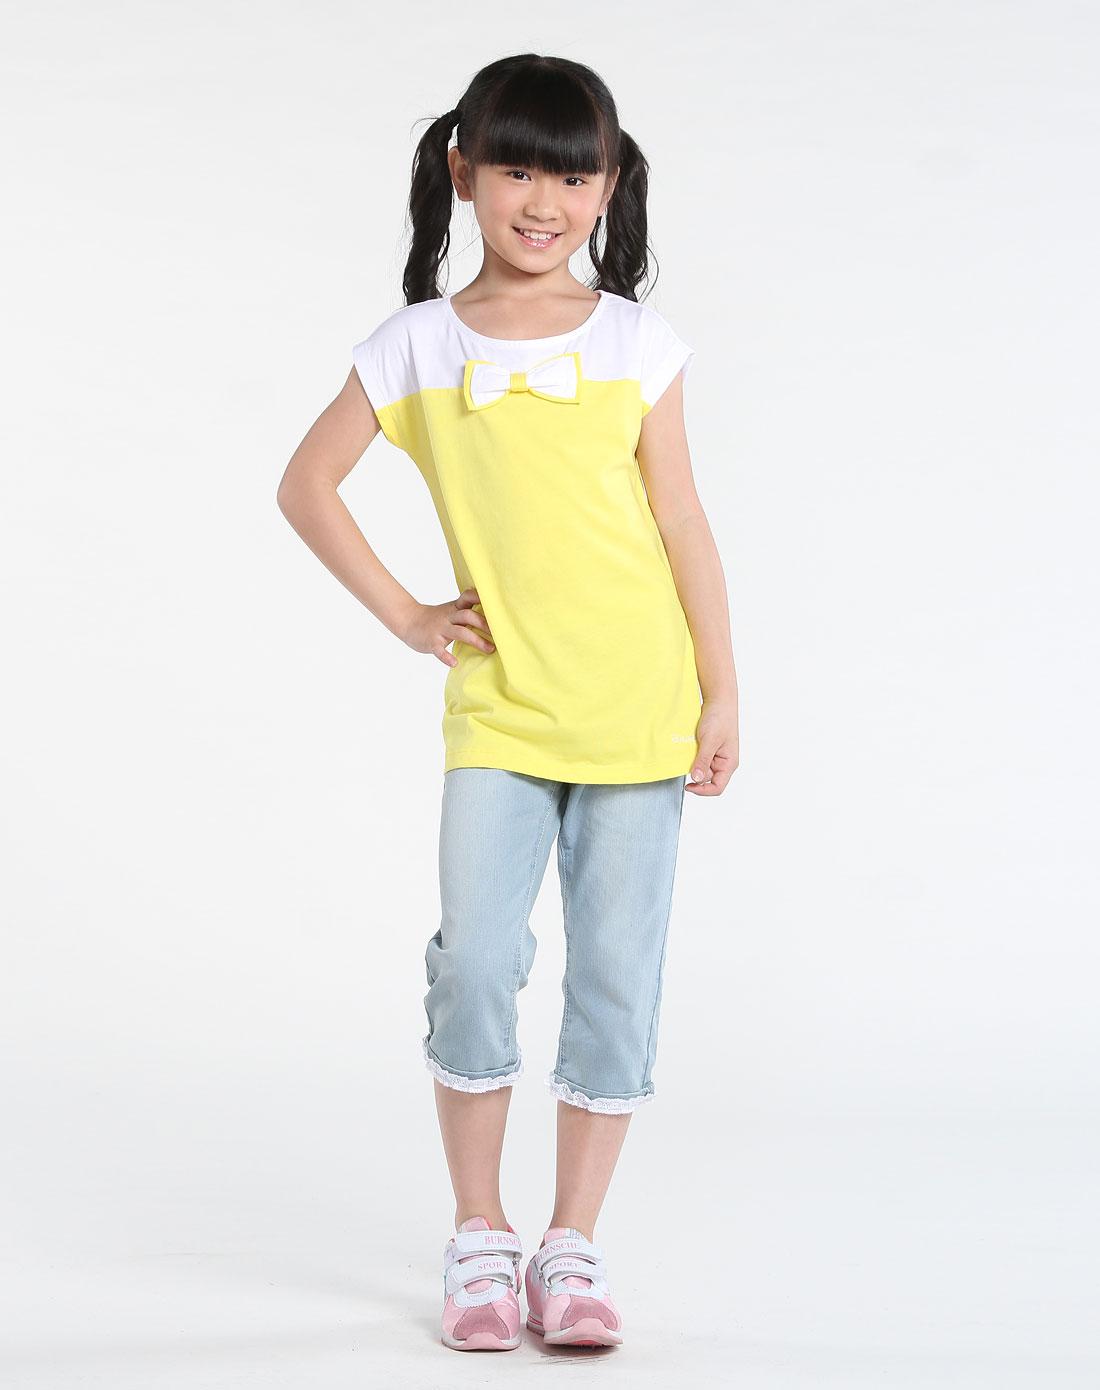 清新活泼柠檬黄色短袖t恤